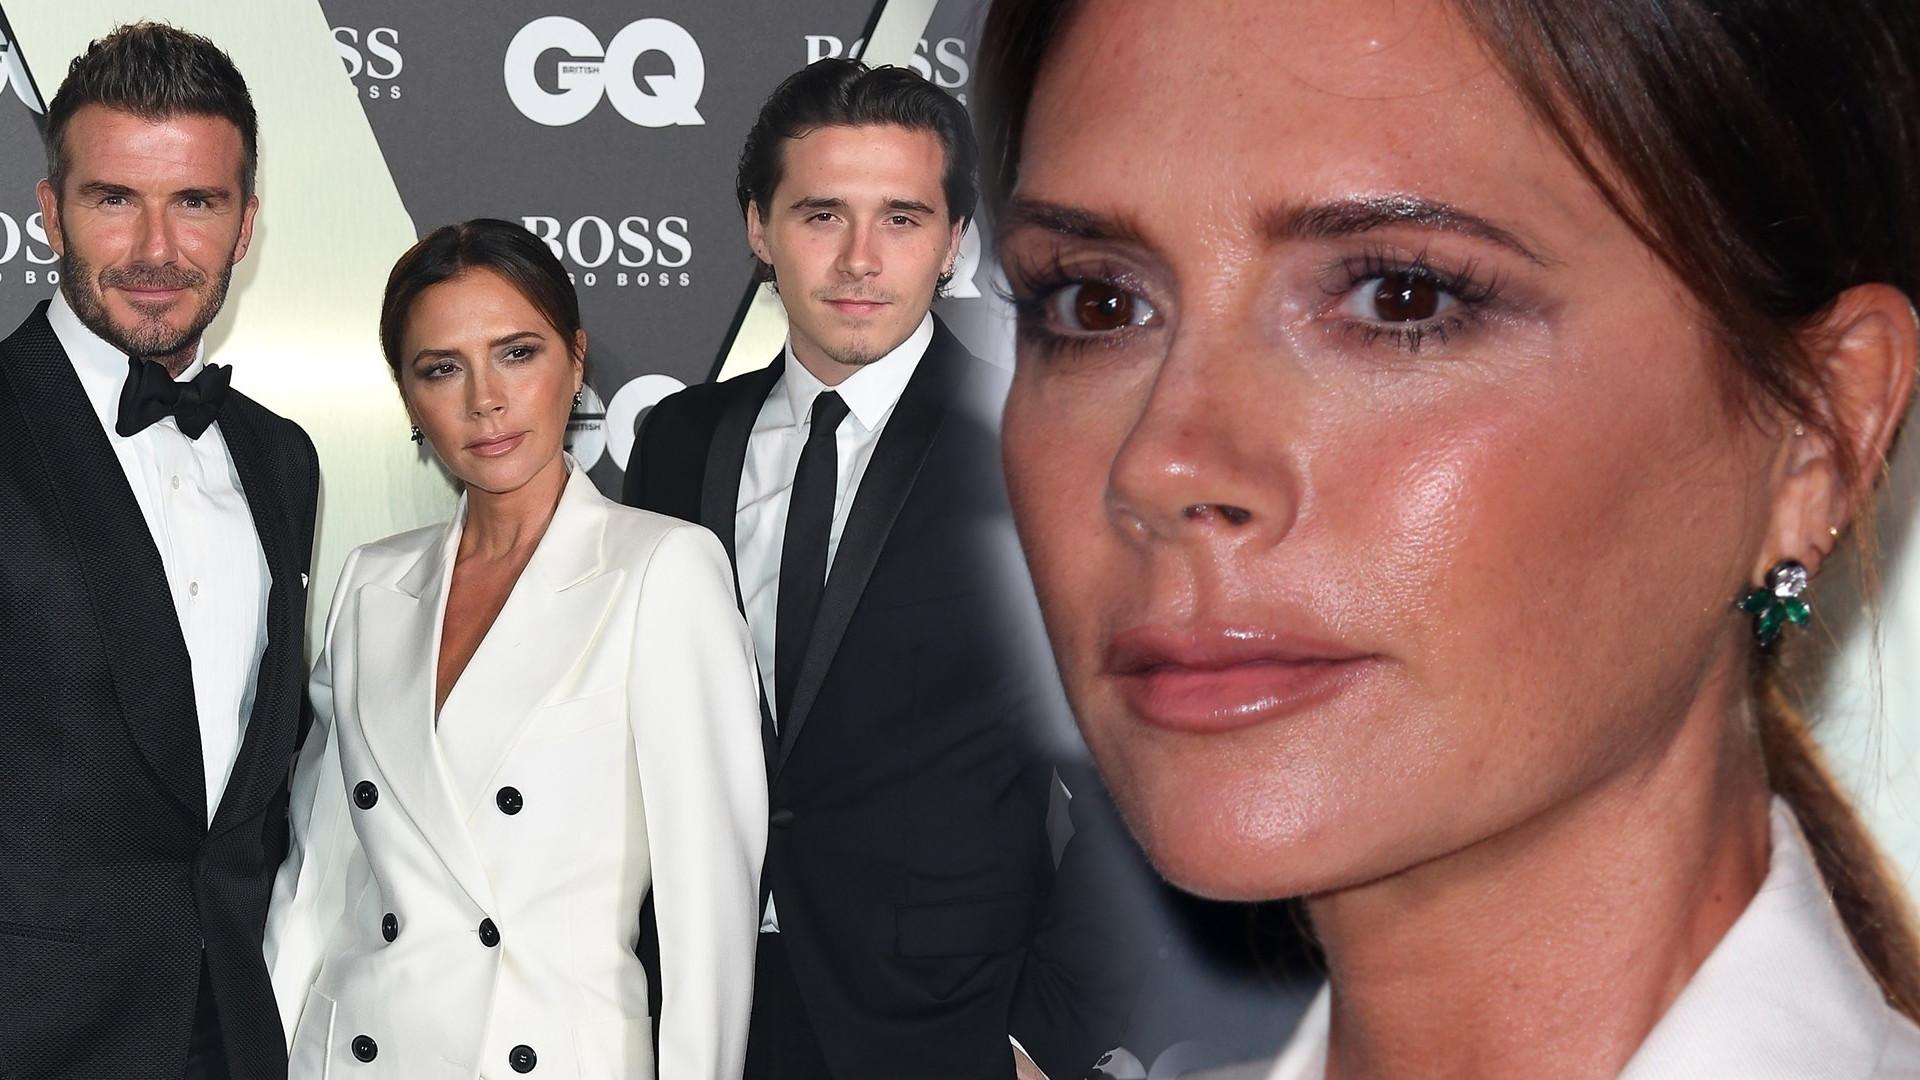 Victoria i David Beckhamowie zabrali najstarszego syna, Brooklyna, na galę GQ (ZDJĘCIA)